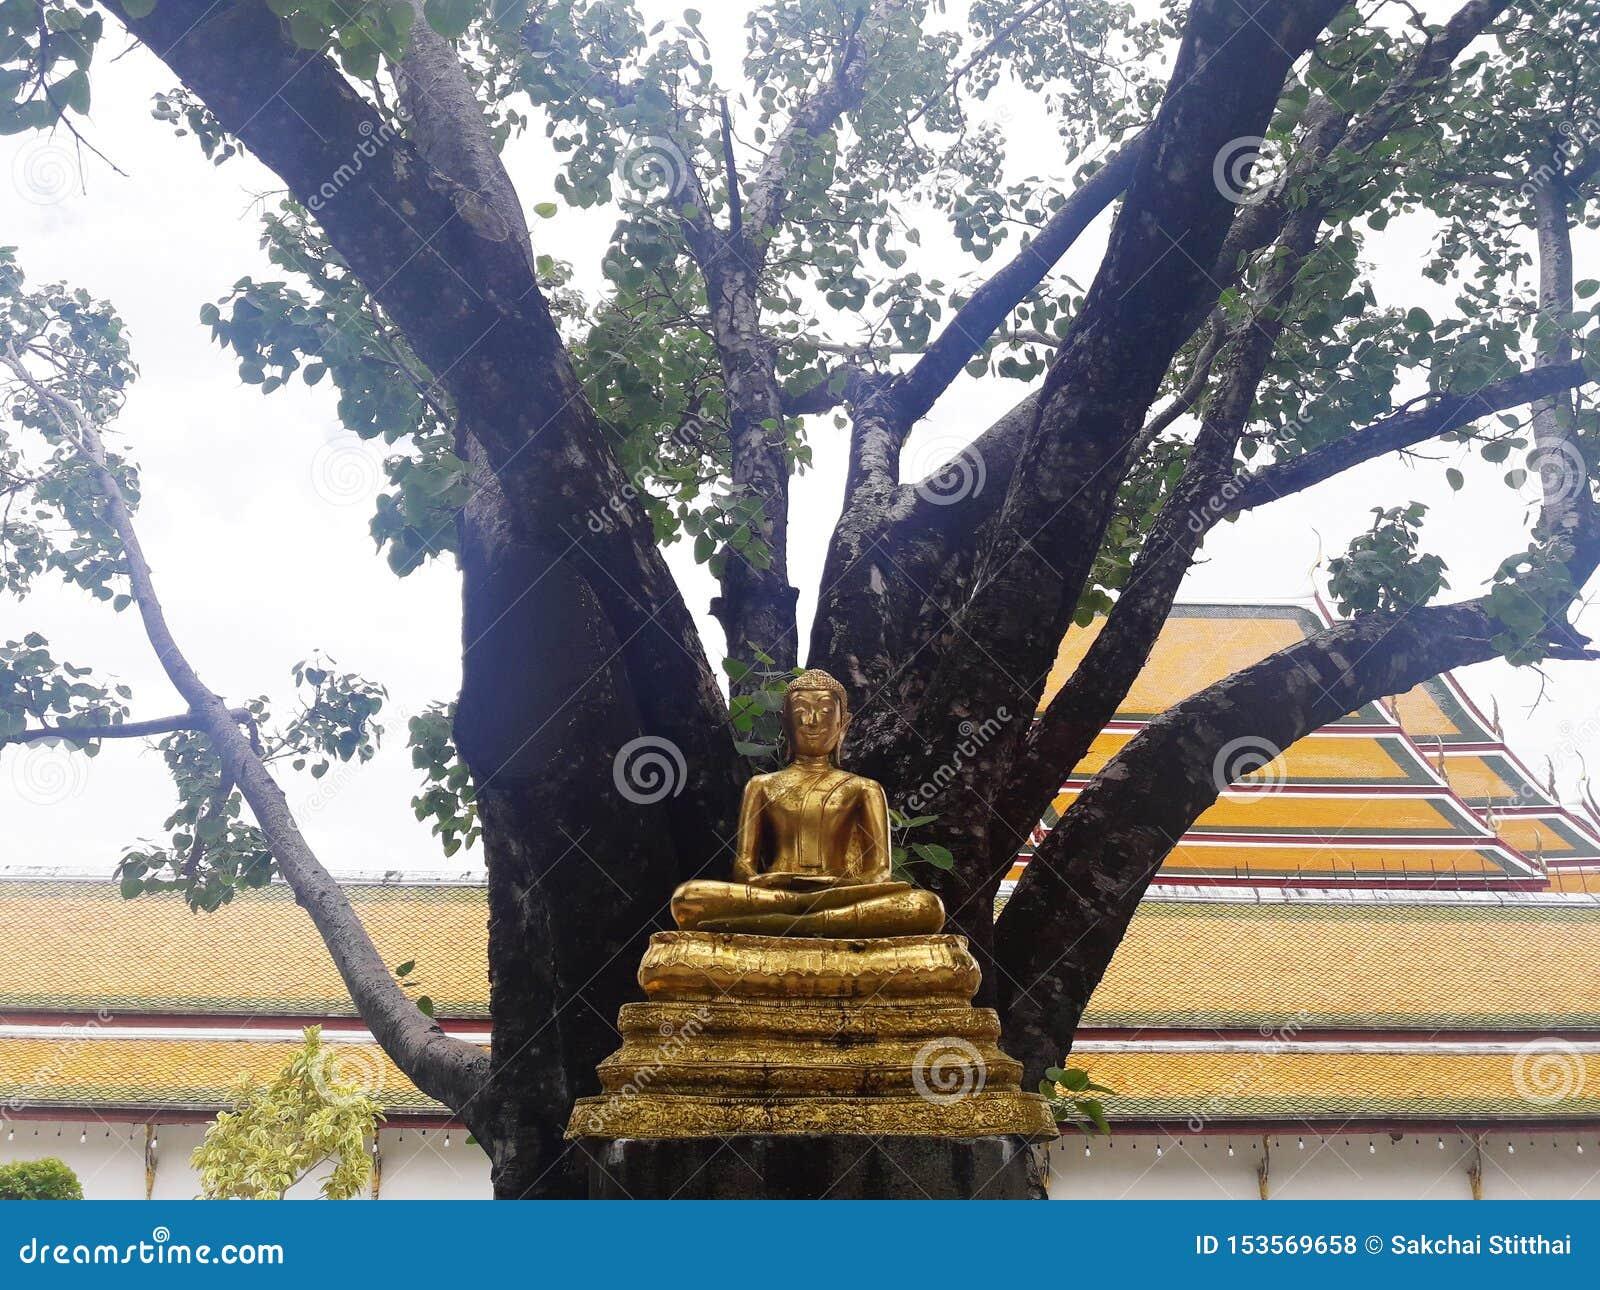 Το χρυσό άγαλμα του Βούδα στη Μπανγκόκ, Ταϊλάνδη